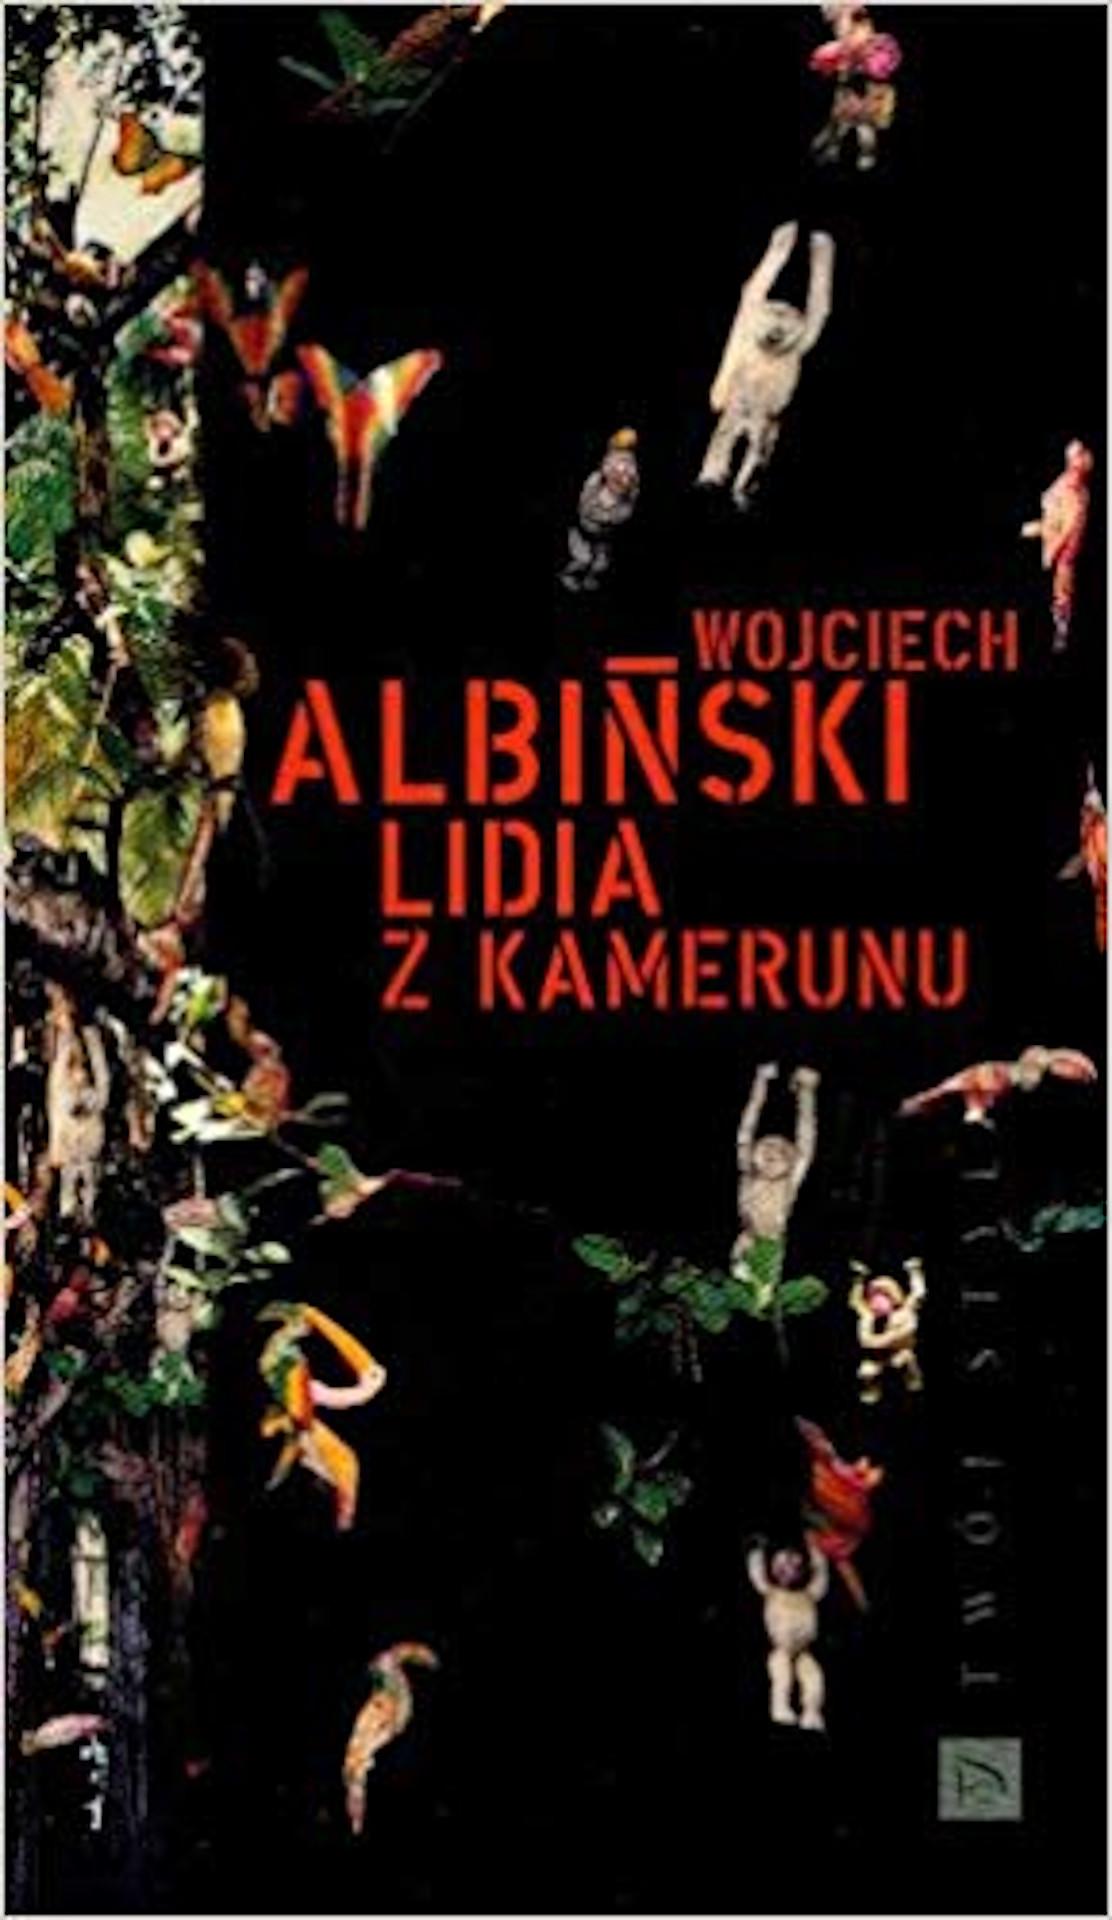 Wojciech Albiński, Lidia z Kamerunu